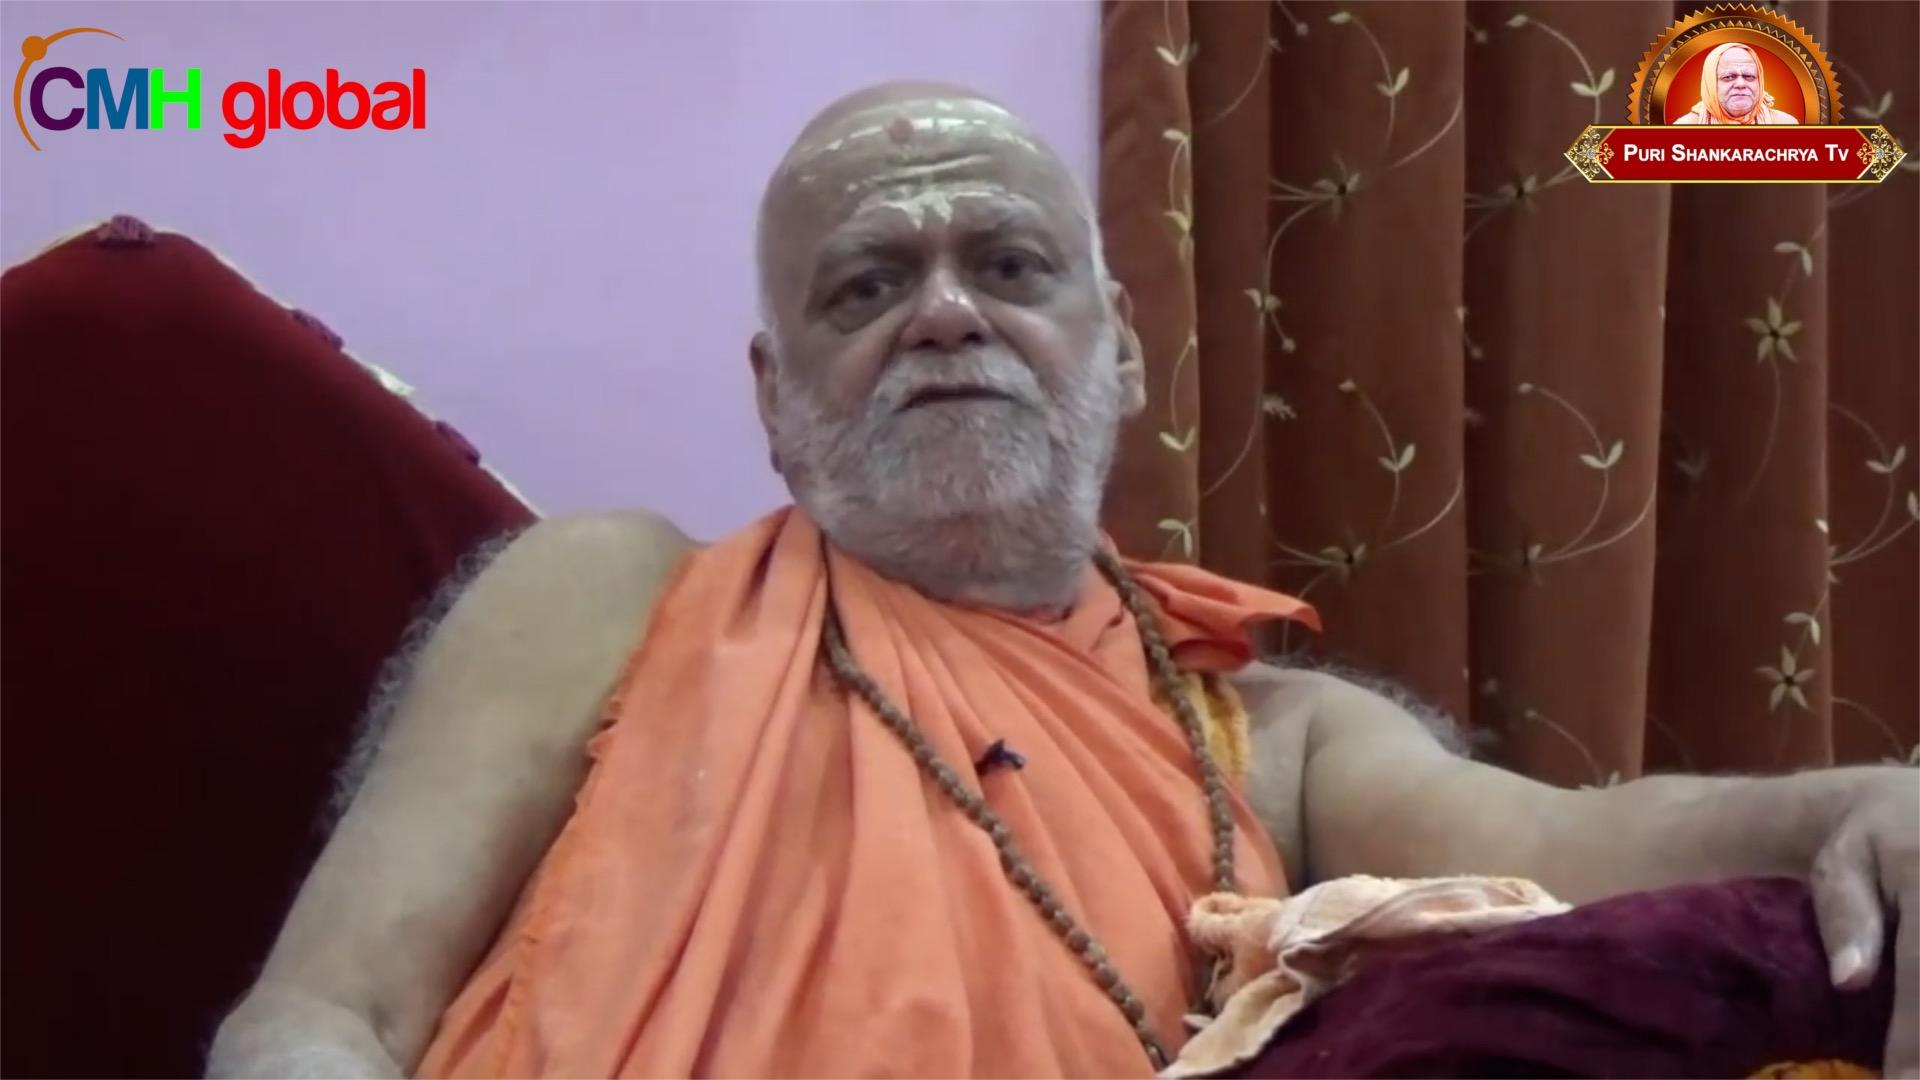 Gyan Dhara Ep -52 by Puri Shankaracharya Swami Nishchalananda Saraswati Ji